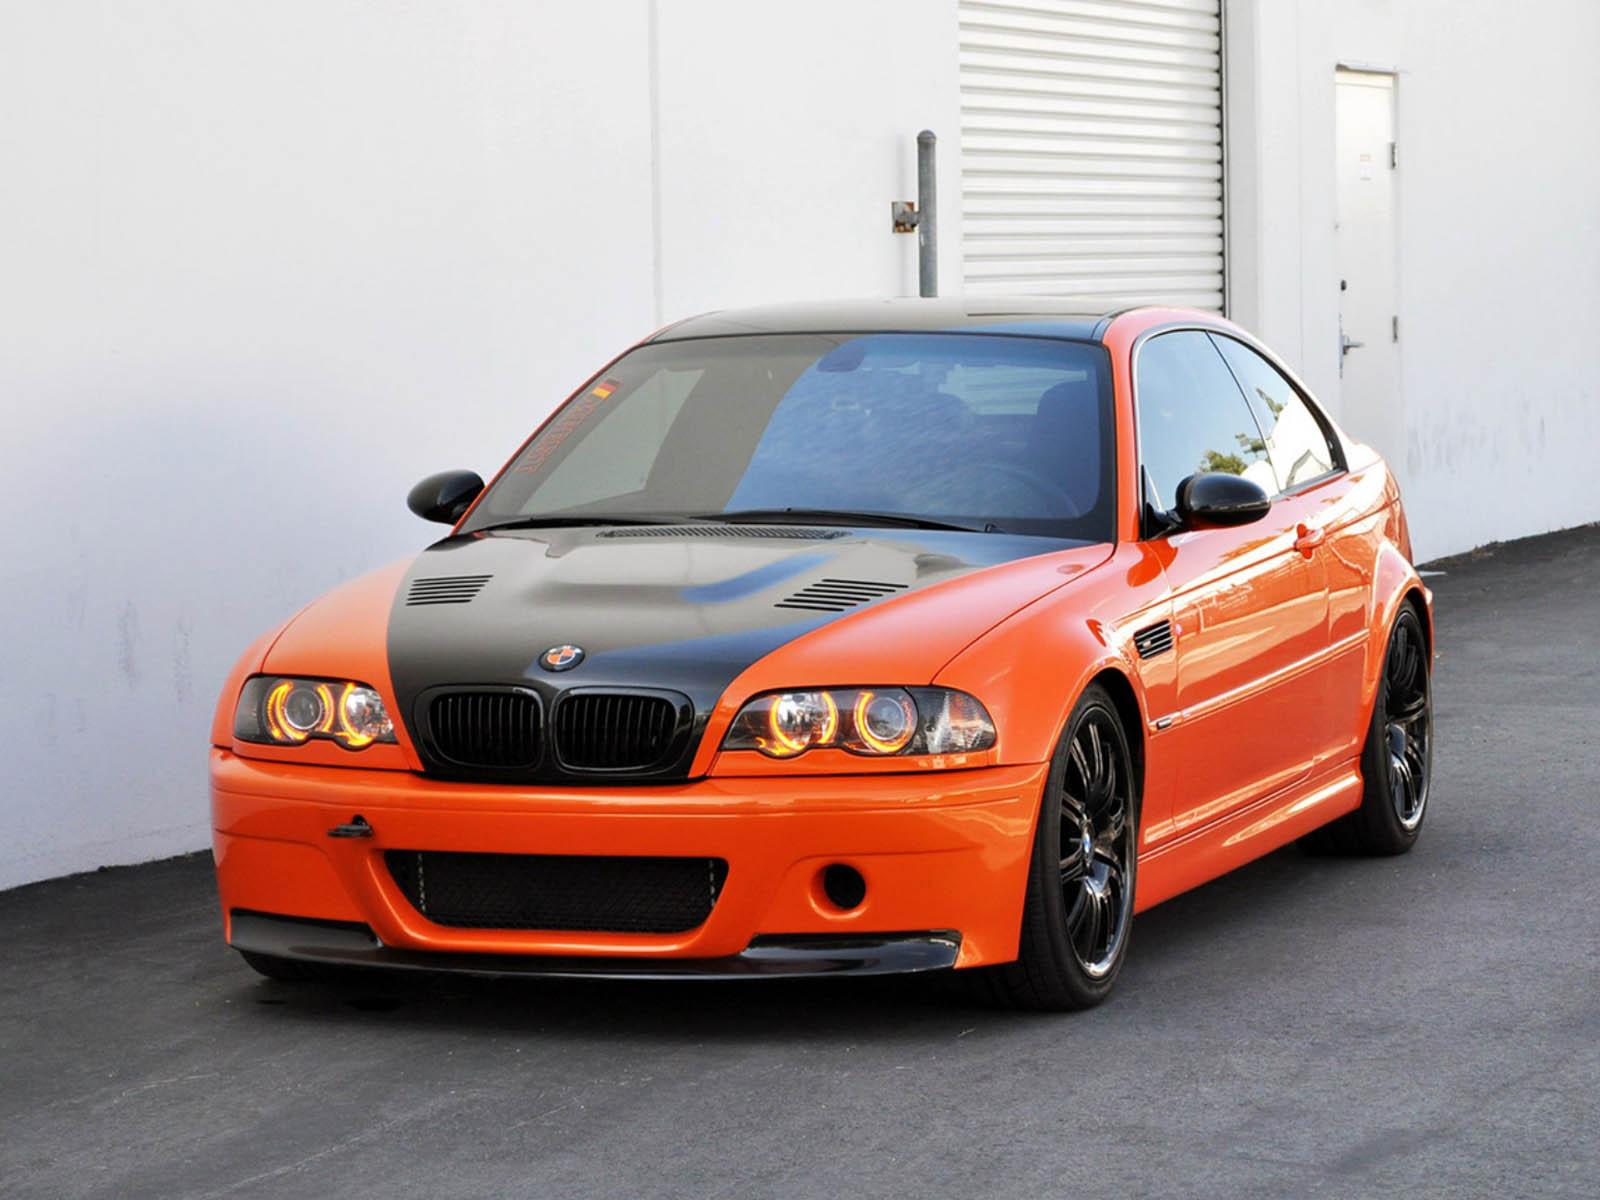 wallpaper BMW M3 E46 CSL Car Wallpapers 1600x1200